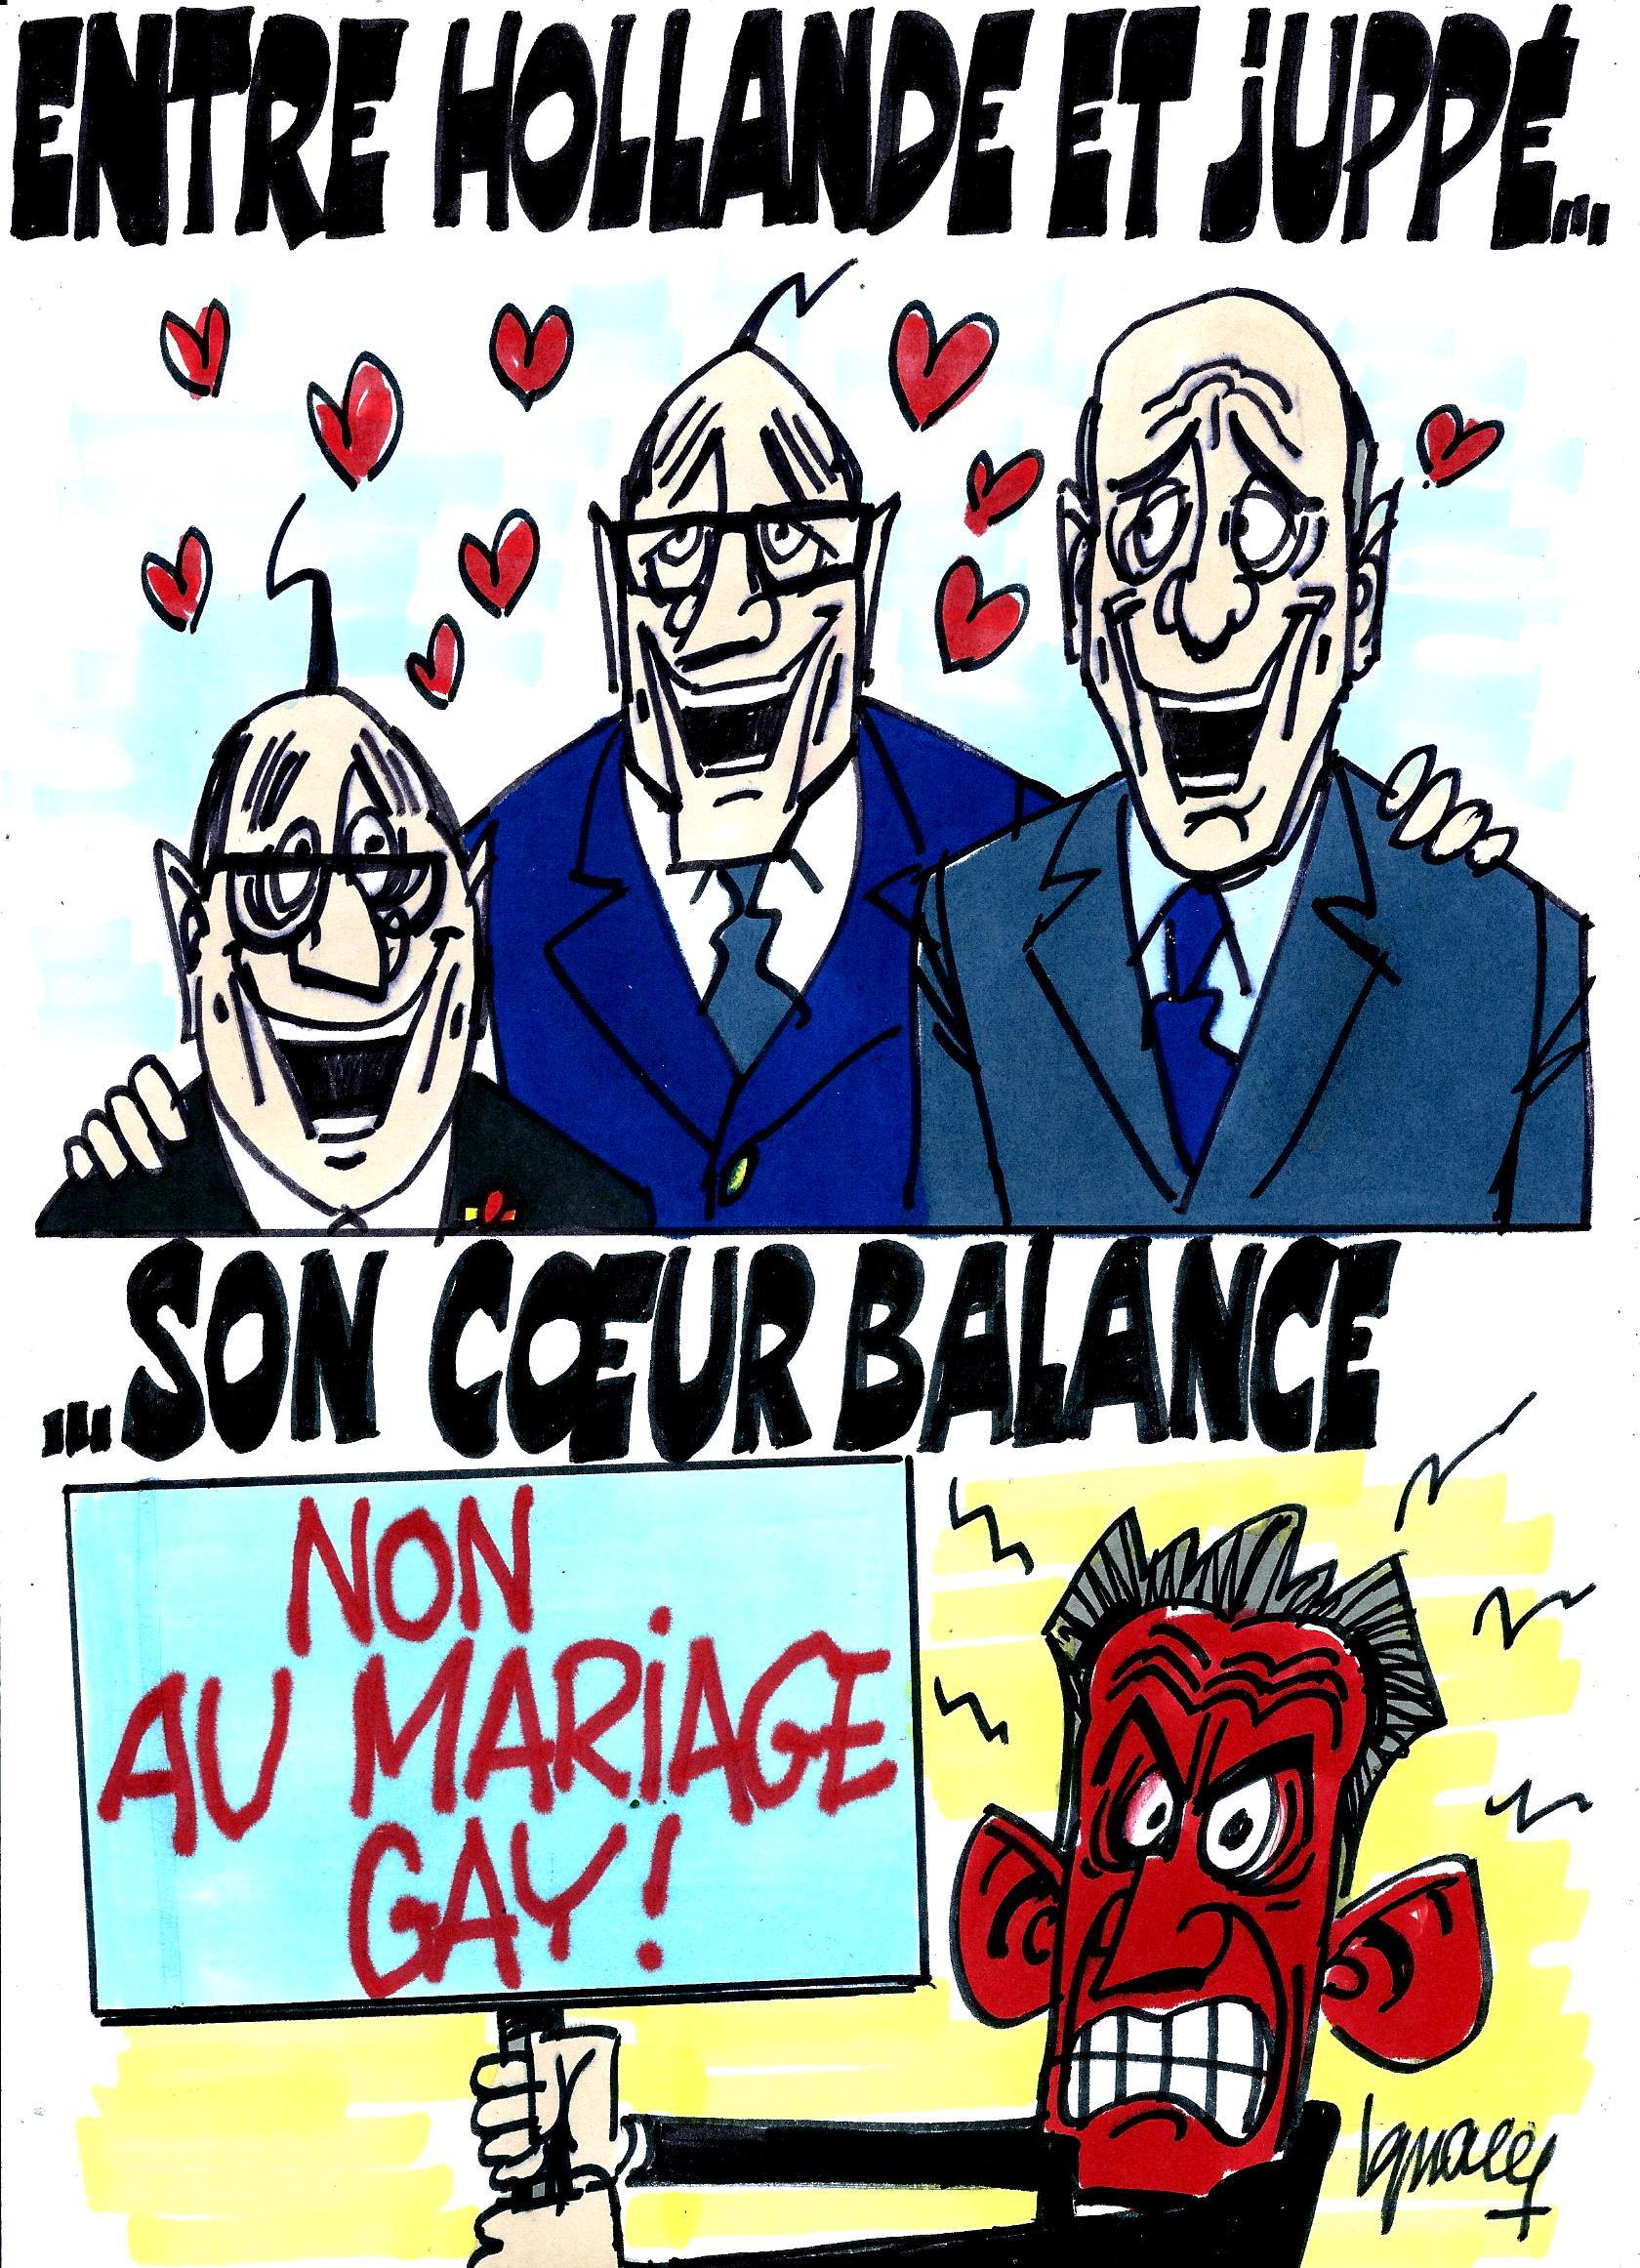 Ignace - Chirac hésite entre Hollande et Juppé